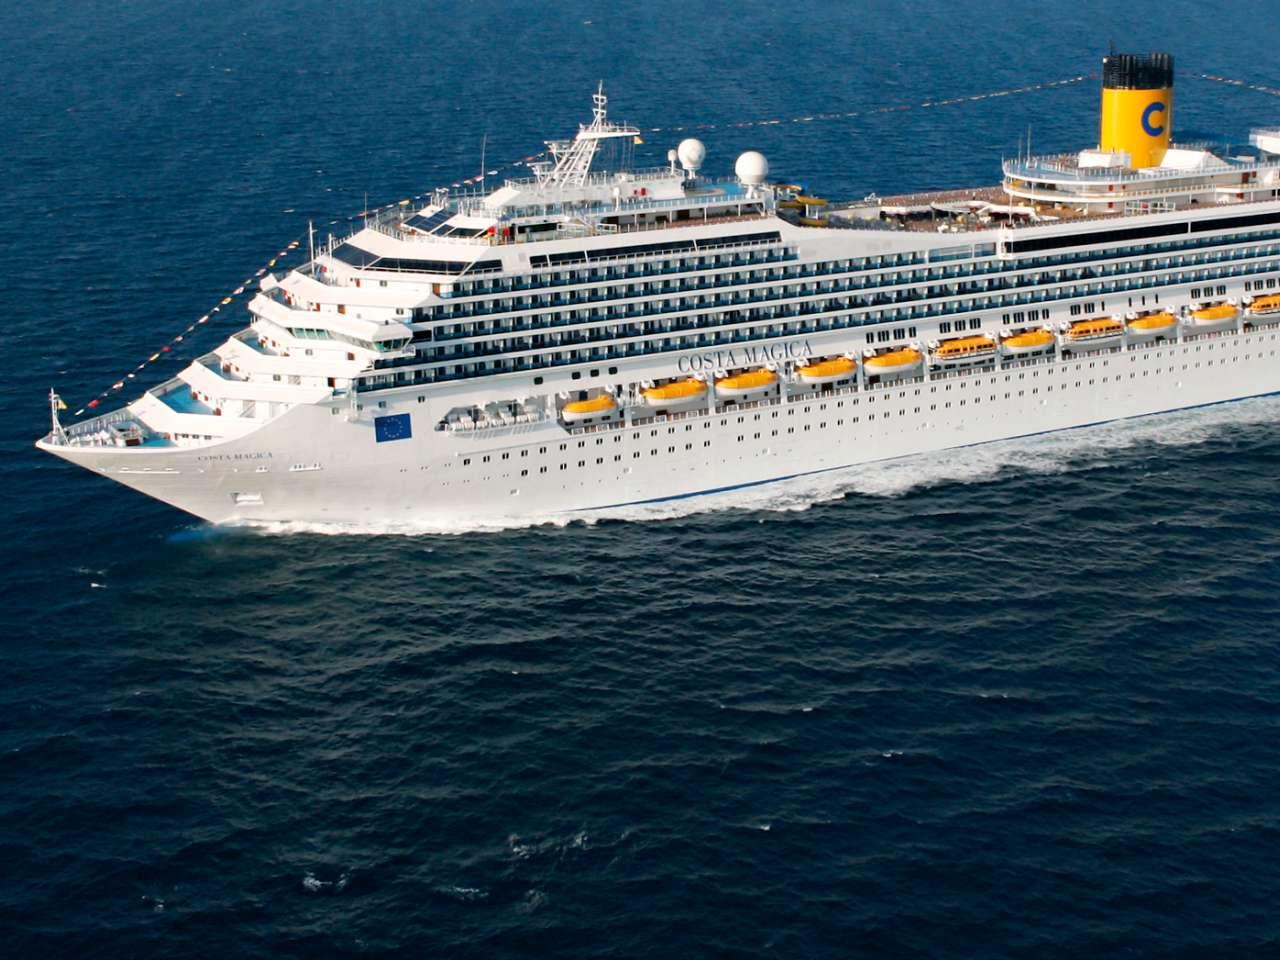 Croisière Royal Caribbean : comment être un bon touriste ?